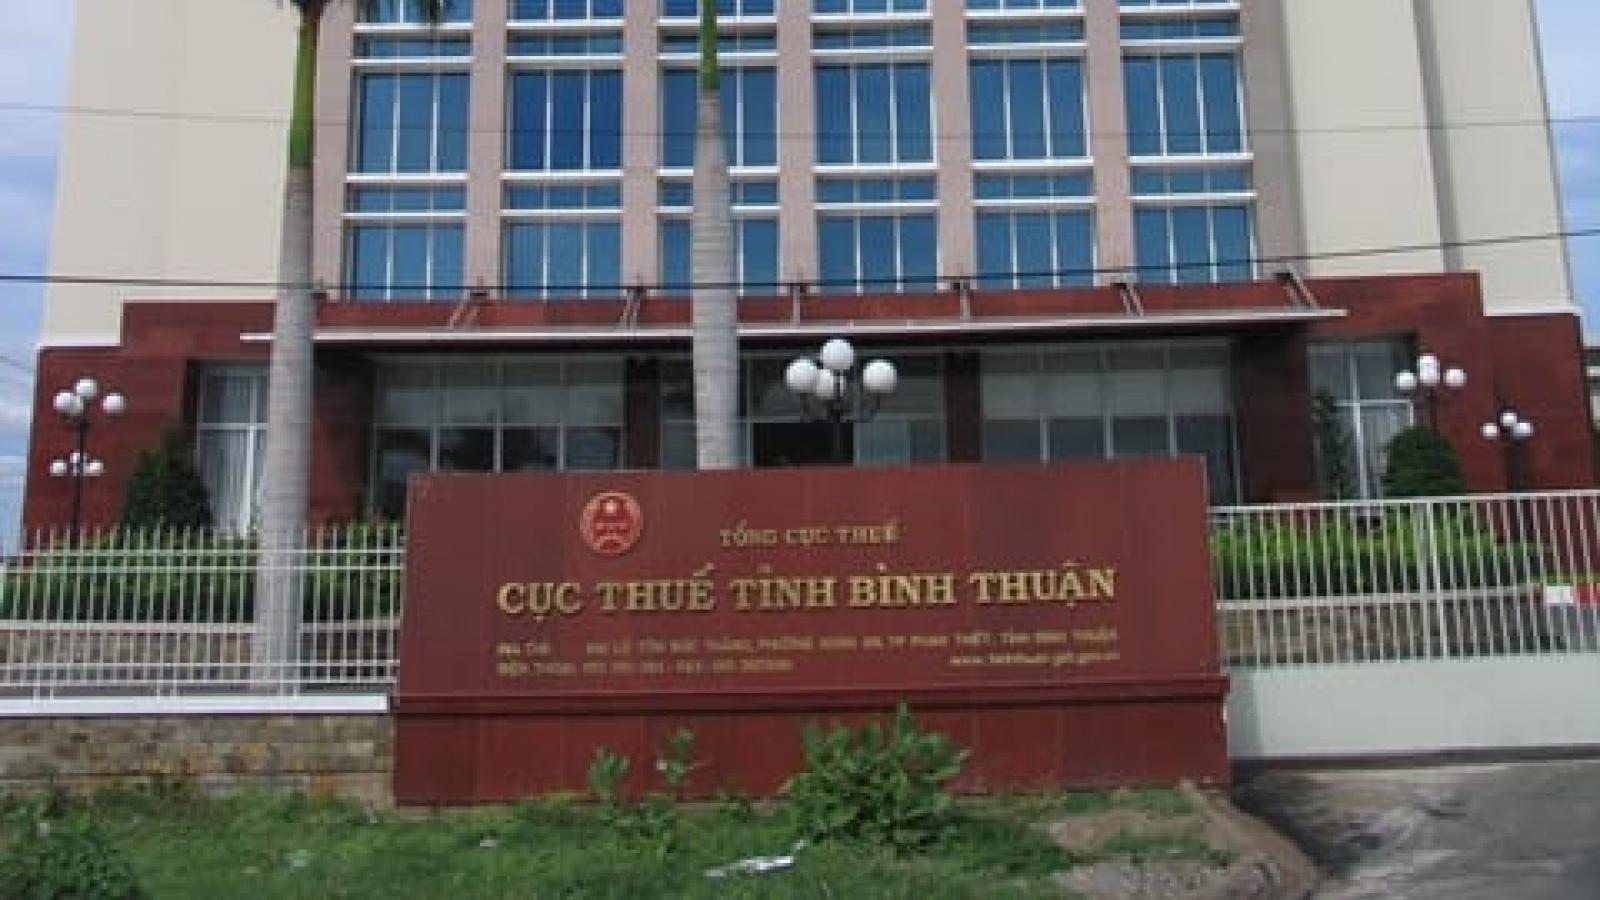 Nhiều doanh nghiệp ở Bình Thuận nợ hàng trăm tỷ đồng tiền sử dụng đất